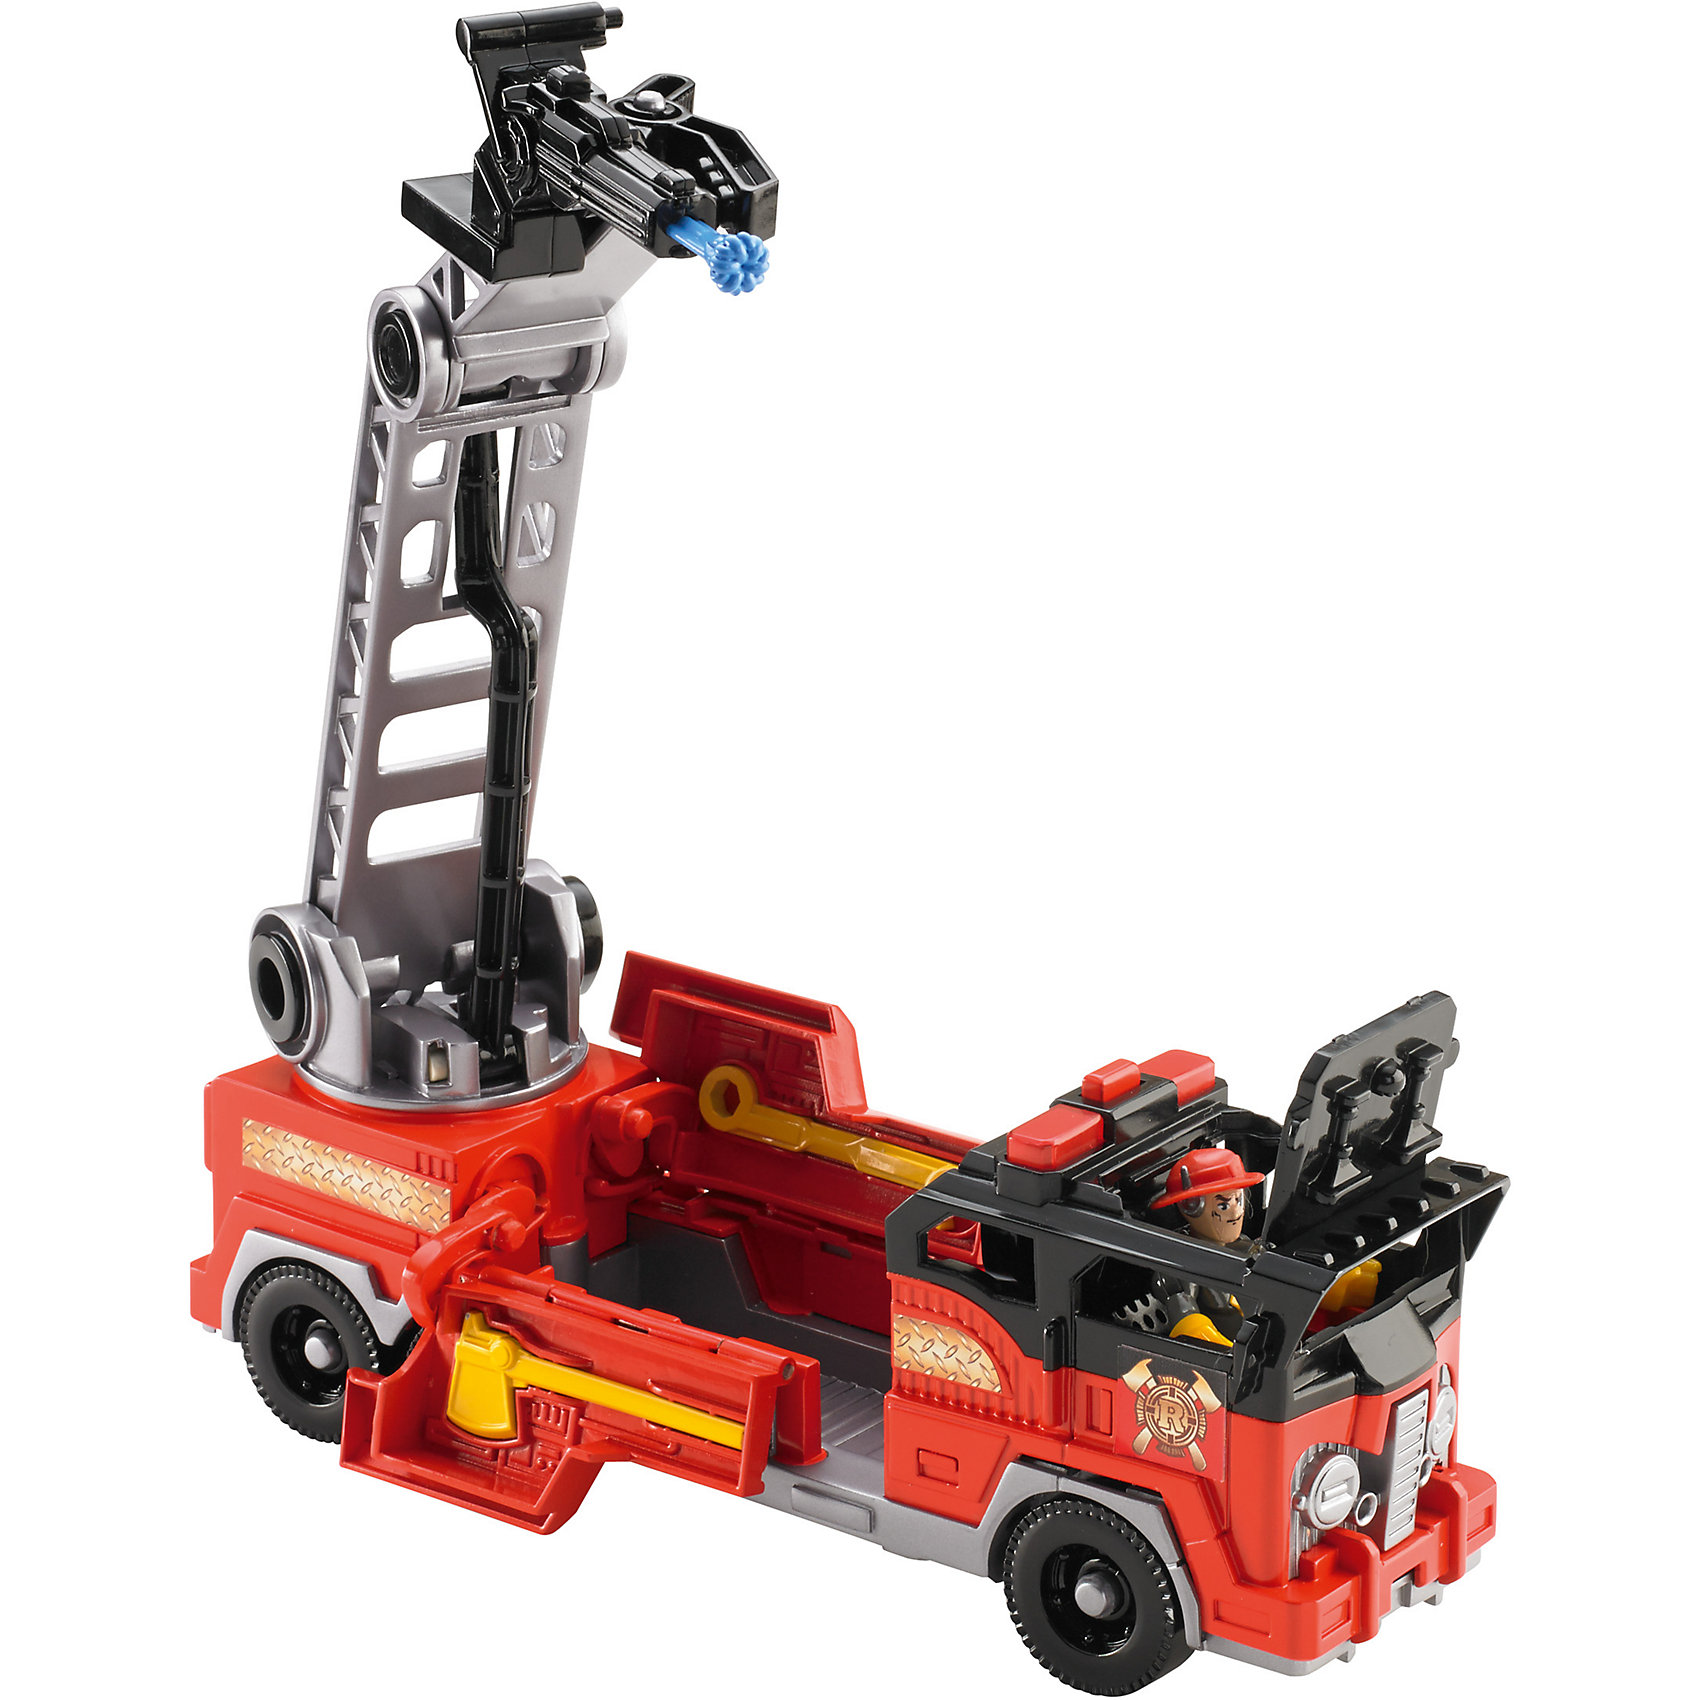 Пожарная машина, Imaginext, Fisher PriceМашинки и транспорт для малышей<br>Пожарная машина – дополнительная игрушка из коллекции спасателей города от Fisher Price. Все малыши мечтают почувствовать себя настоящими героями. Новый набор от Fisher Price сделает мечту реальностью. Пожарная машина – интерактивная игрушка, может издавать световые и звуковые сигналы. Собрав всю коллекцию, малыш обезопасит свой игрушечный город на все 100%! Набор содержит мелкие детали. Материалы, использованные при изготовлении игрушек, полностью безопасны для детей и отвечают всем требованиям по качеству.<br><br>Дополнительная информация: <br><br>цвет: разноцветный;<br>возраст: 3-8 лет;<br>материал: пластик.<br><br>Пожарную машину, Imaginext из серии Fisher Price от компании Mattel можно приобрести в нашем магазине.<br><br>Ширина мм: 89<br>Глубина мм: 305<br>Высота мм: 216<br>Вес г: 859<br>Возраст от месяцев: 36<br>Возраст до месяцев: 96<br>Пол: Мужской<br>Возраст: Детский<br>SKU: 5004471